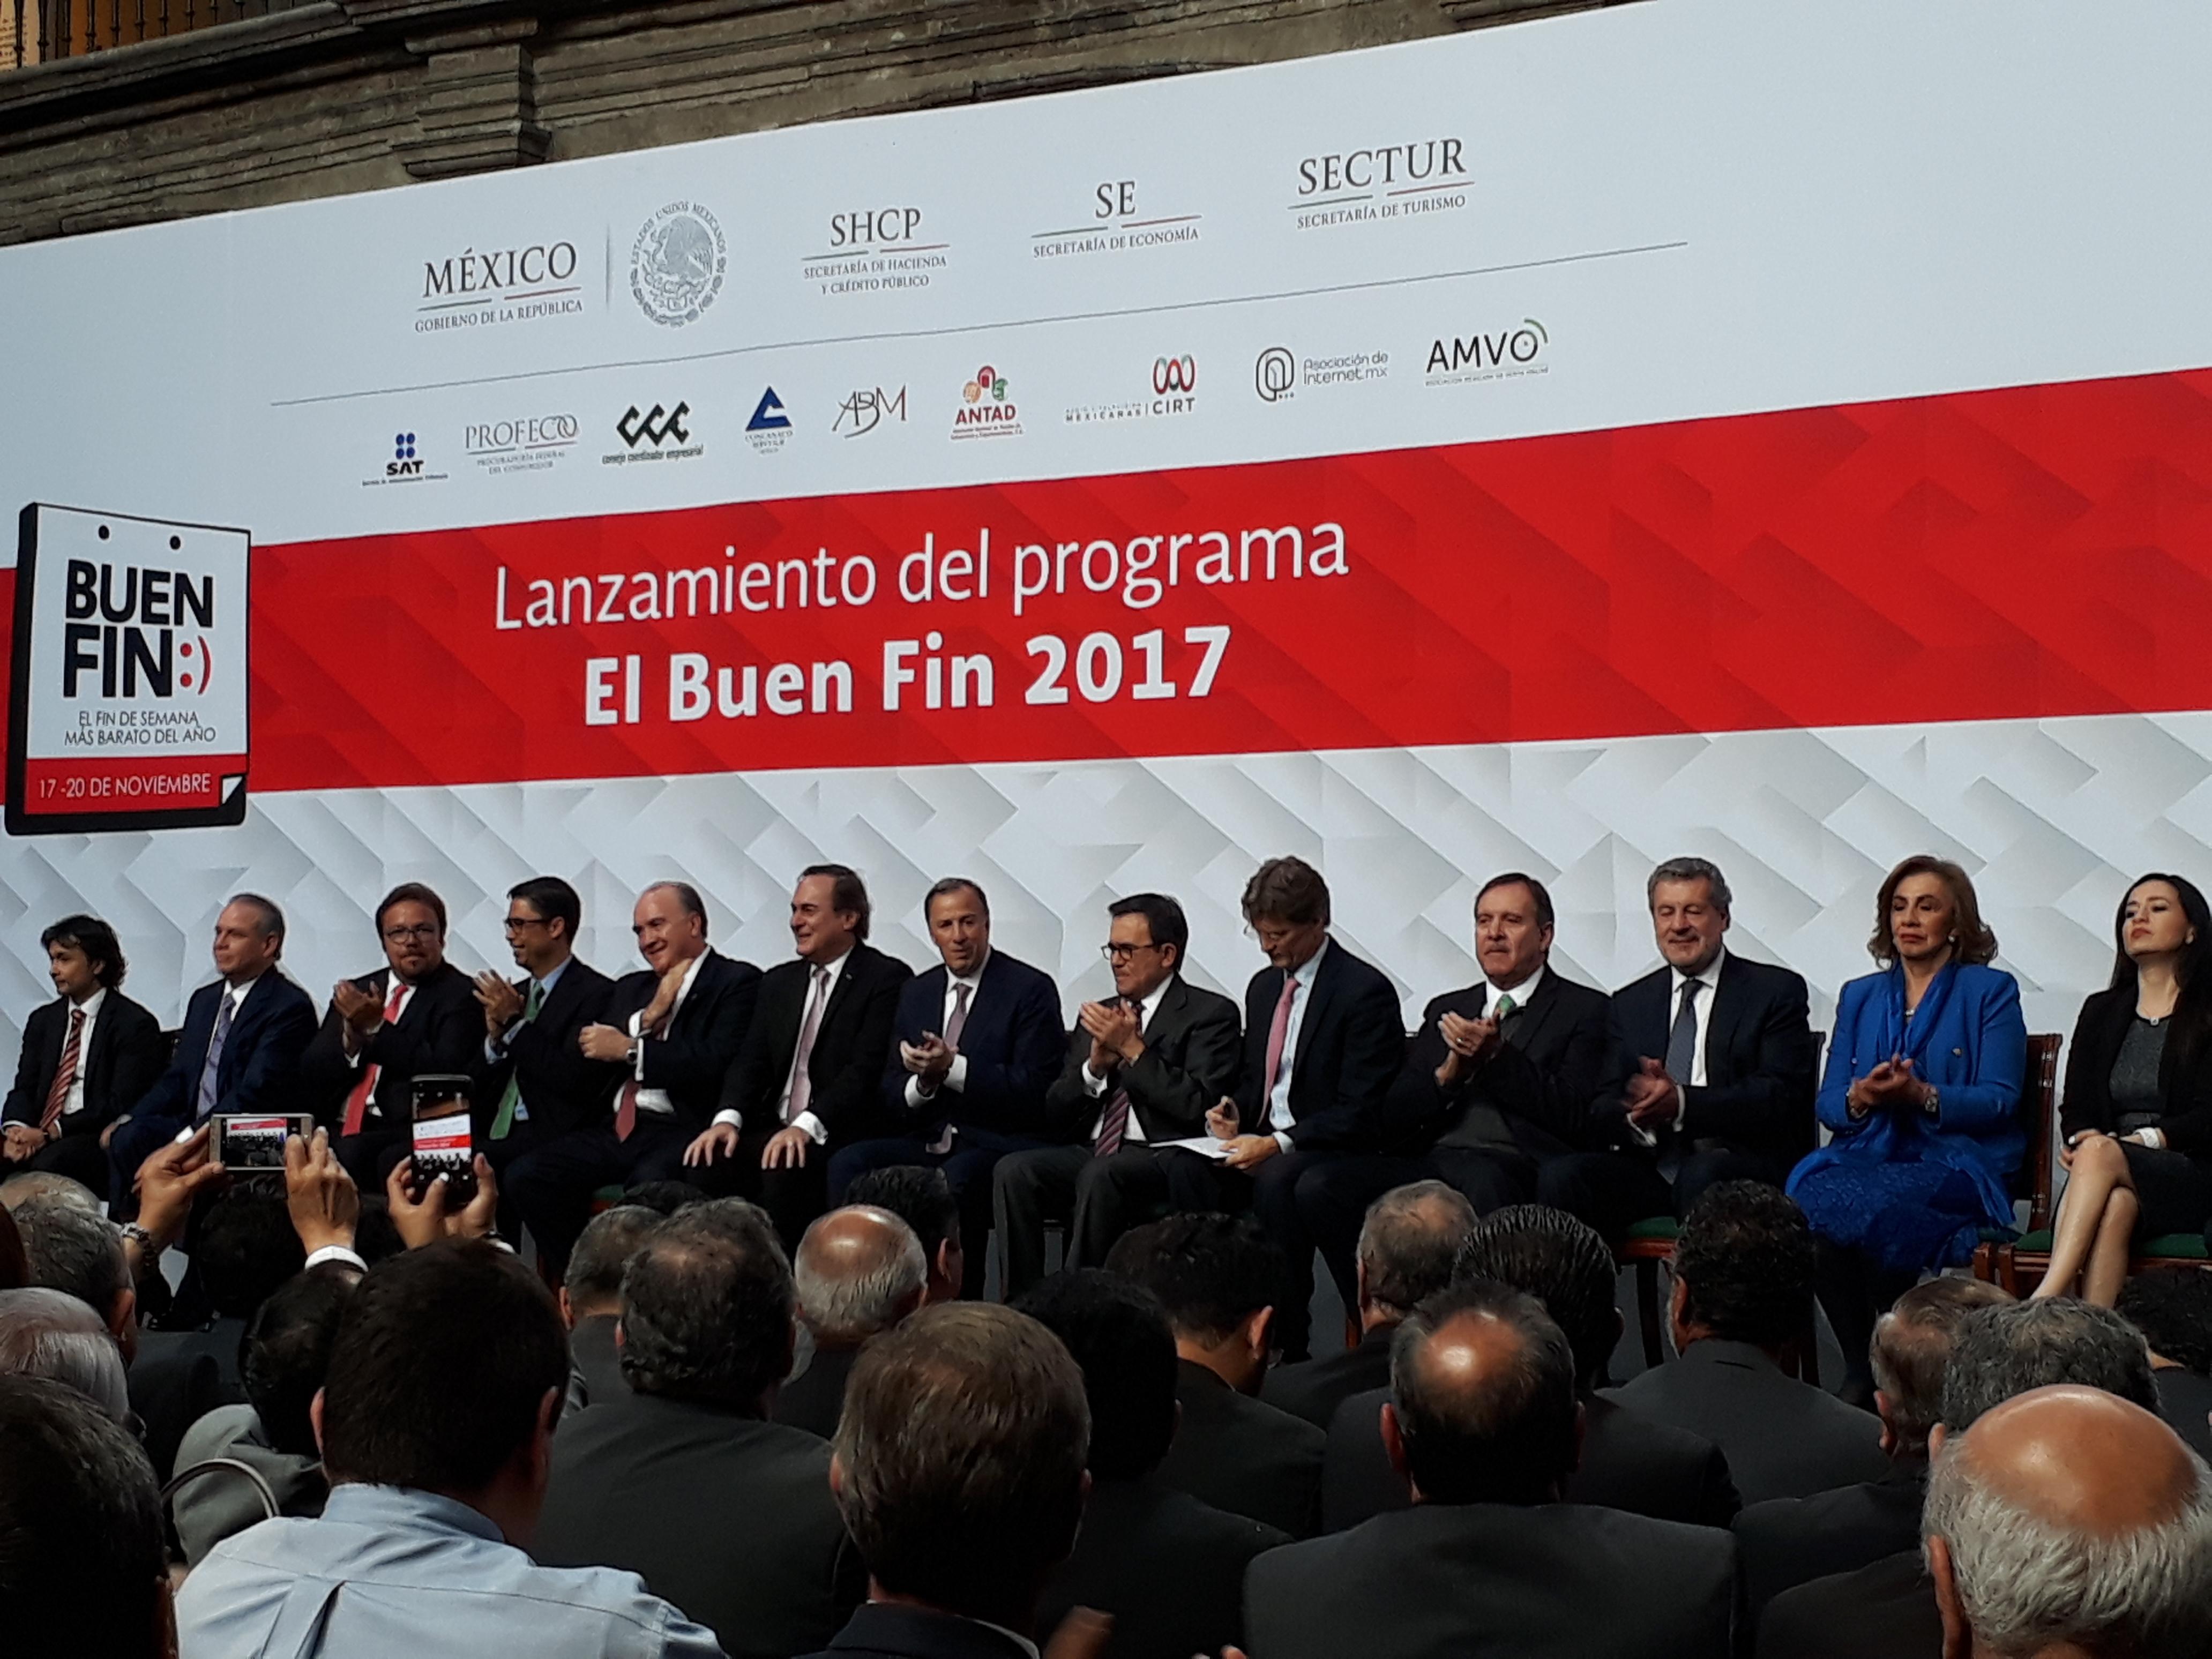 Buen Fin busca reactivar economía mexicana después de sismos